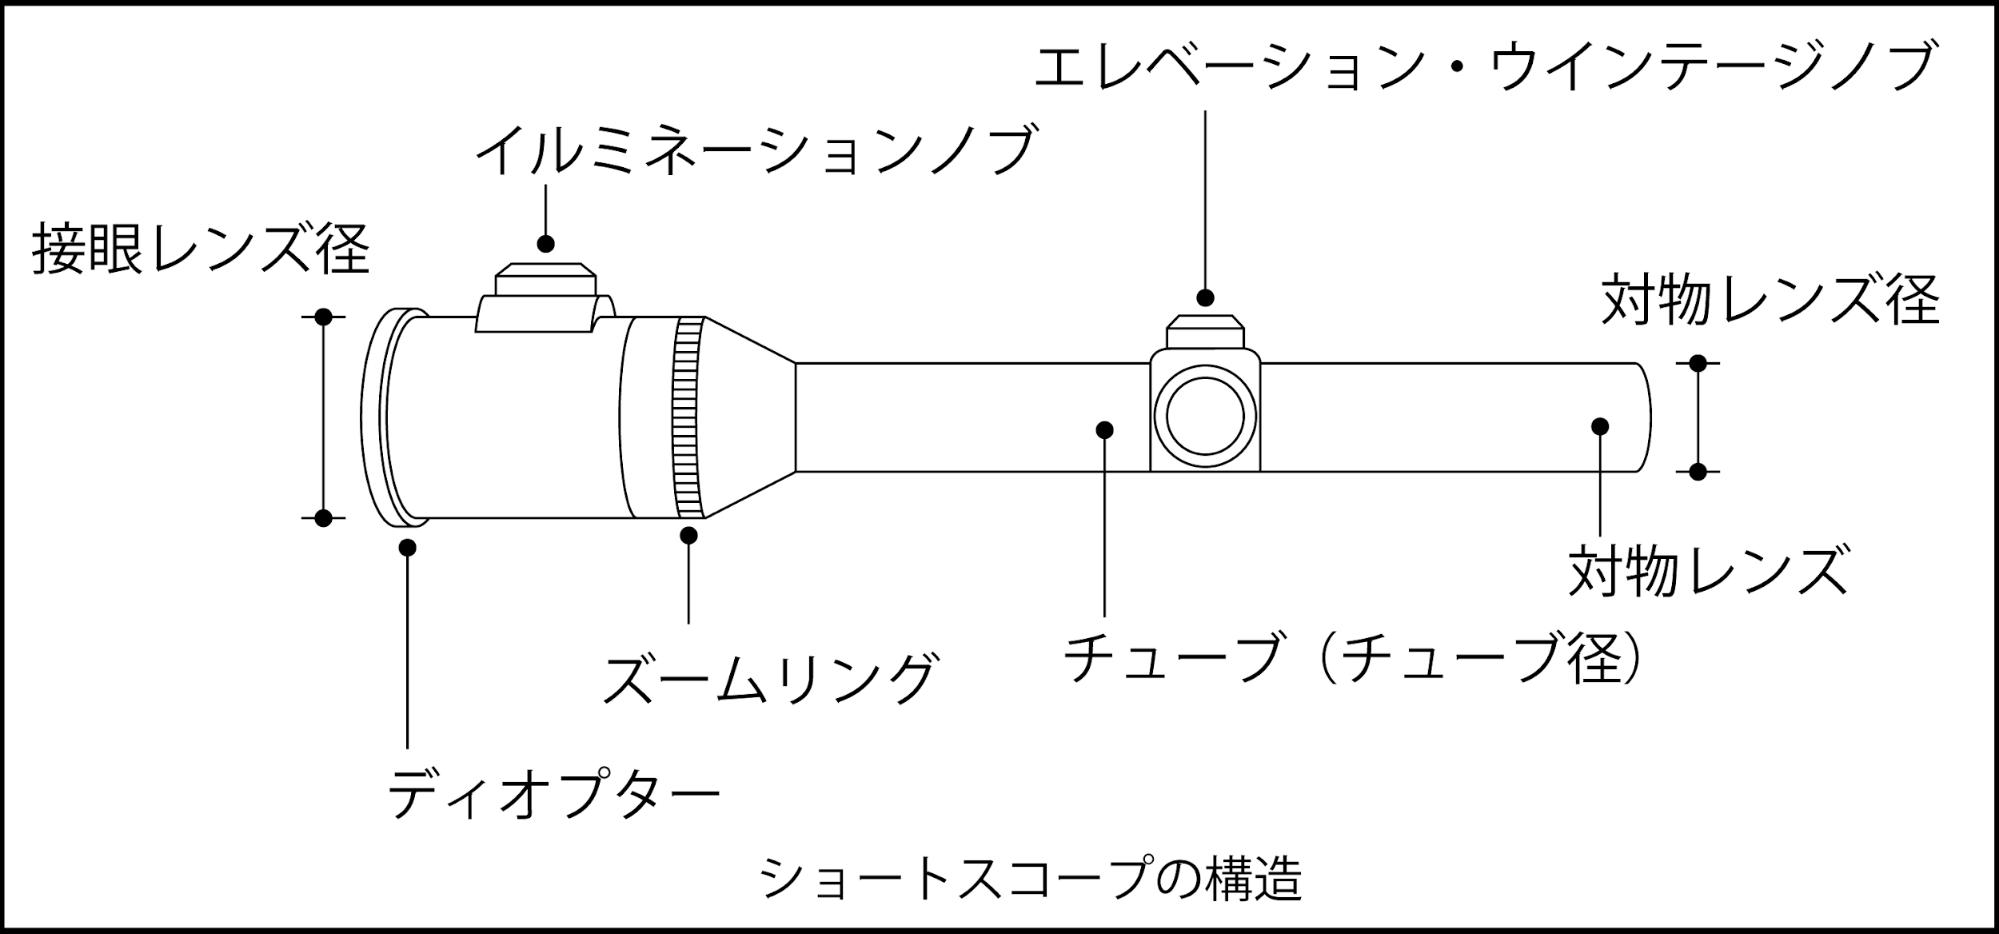 ショートスコープの構造を解説した画像